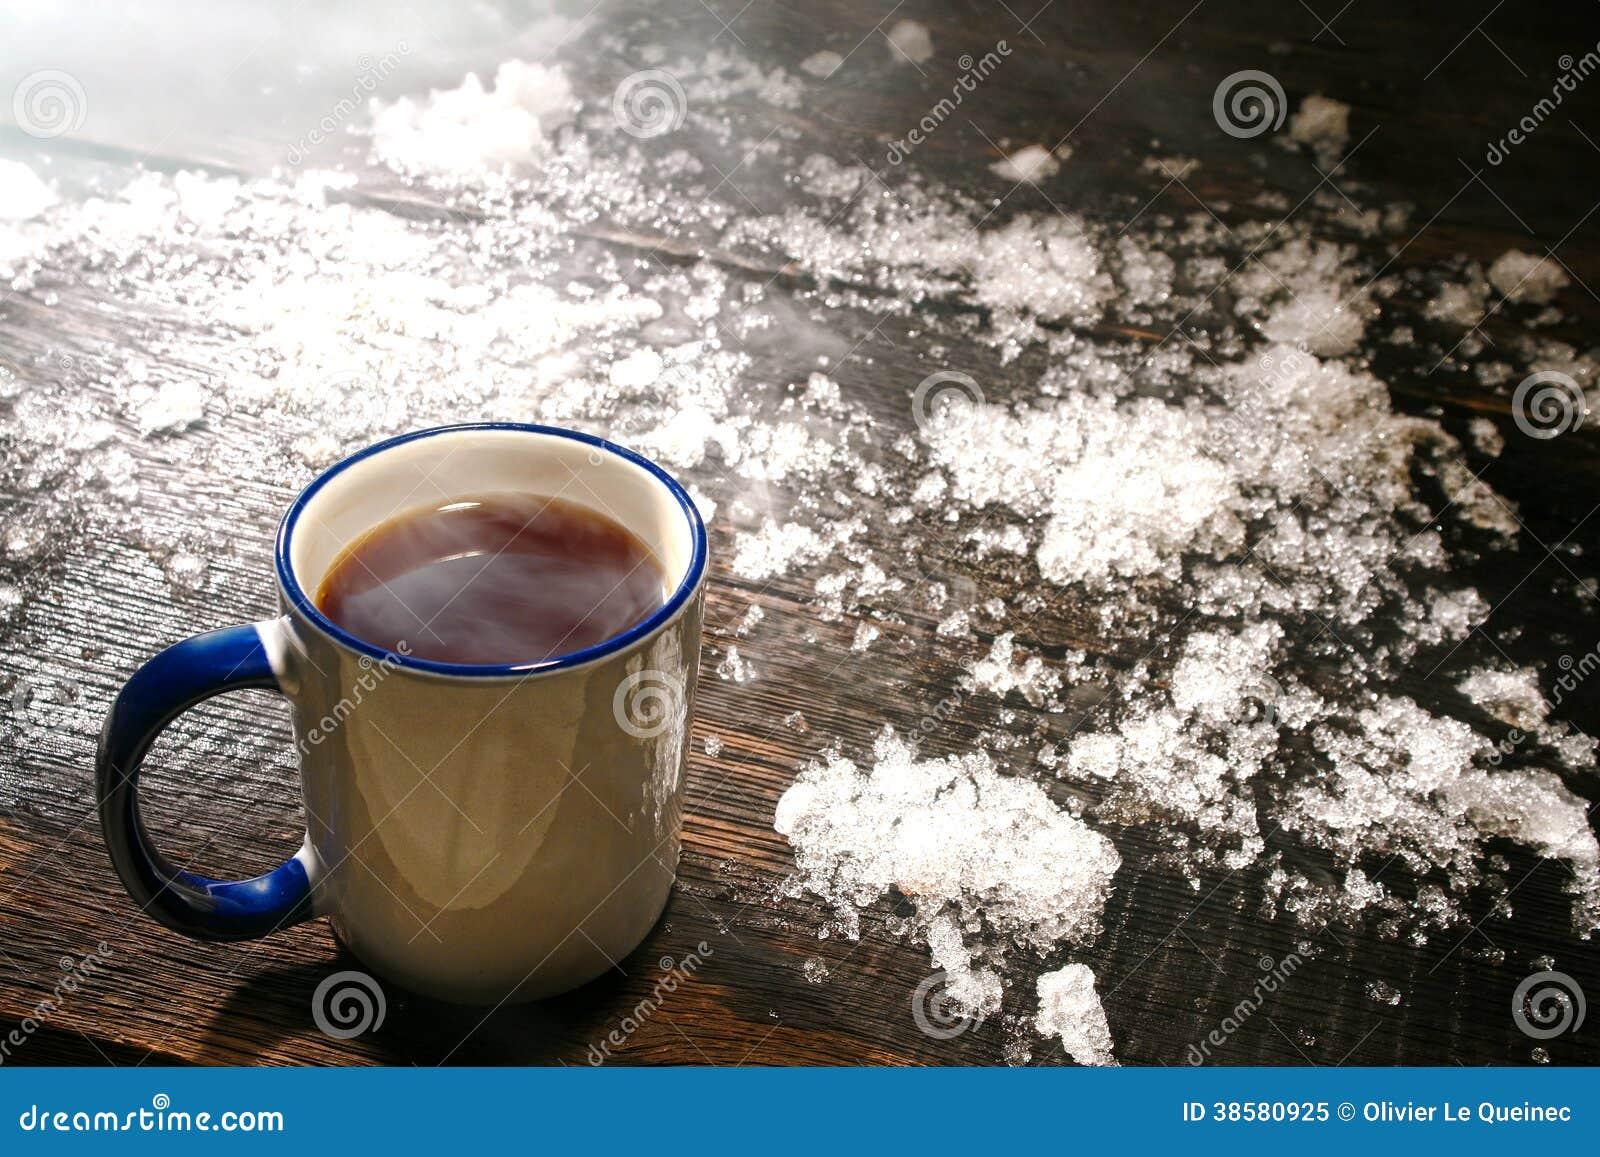 Hoy el desayuno bien caliente-http://thumbs.dreamstime.com/z/caf%C3%A9-caliente-en-taza-del-vintage-y-nieve-en-invierno-fr%C3%ADo-38580925.jpg